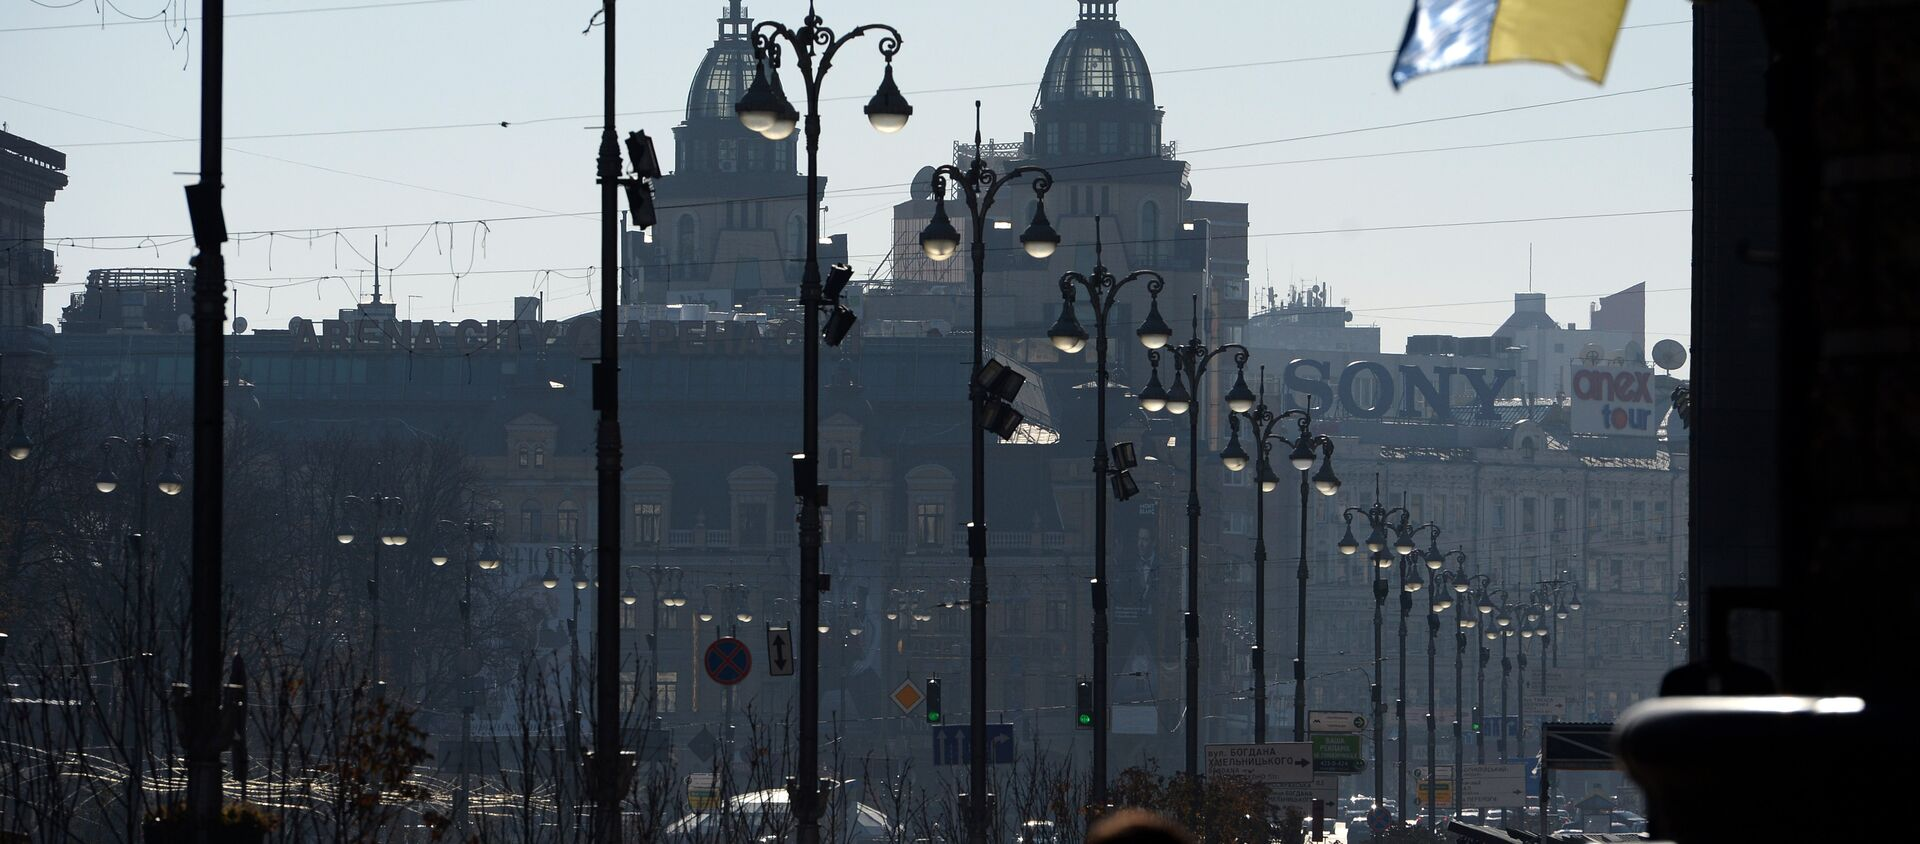 Улица Крещатик в Киеве. - Sputnik Абхазия, 1920, 23.08.2021